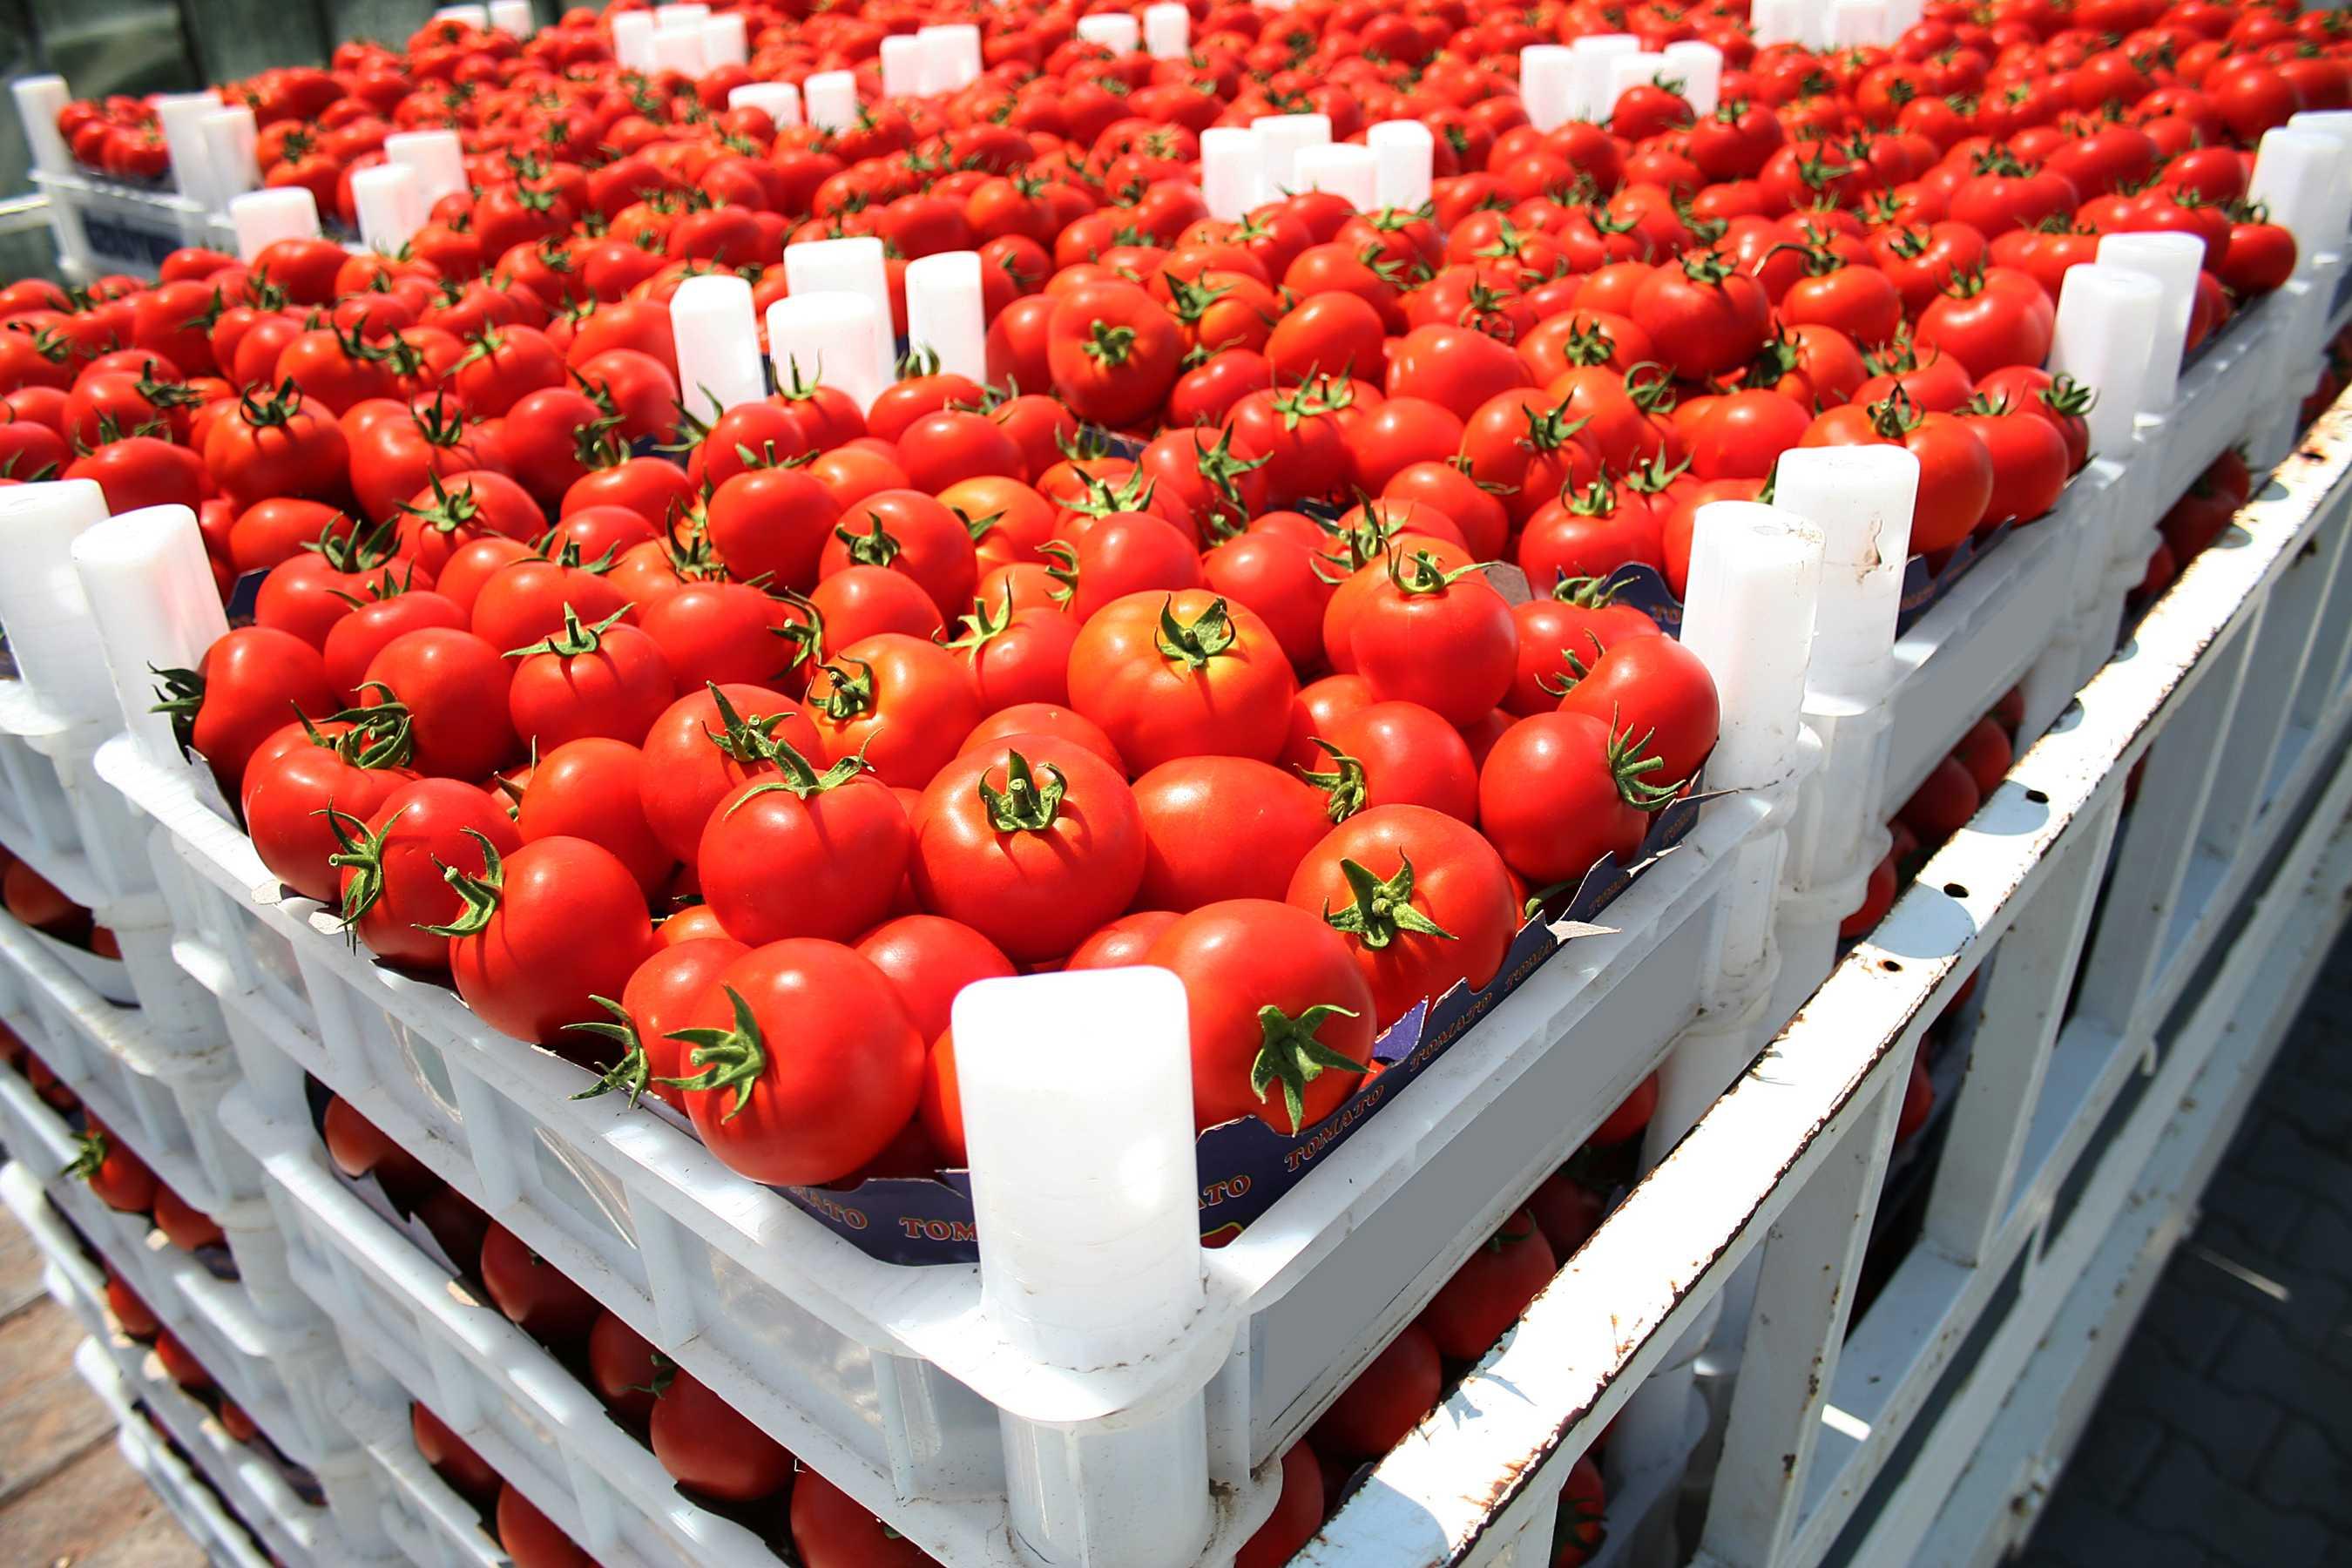 Murcia supera los 2.500 millones de € en exportación hortofrutícola